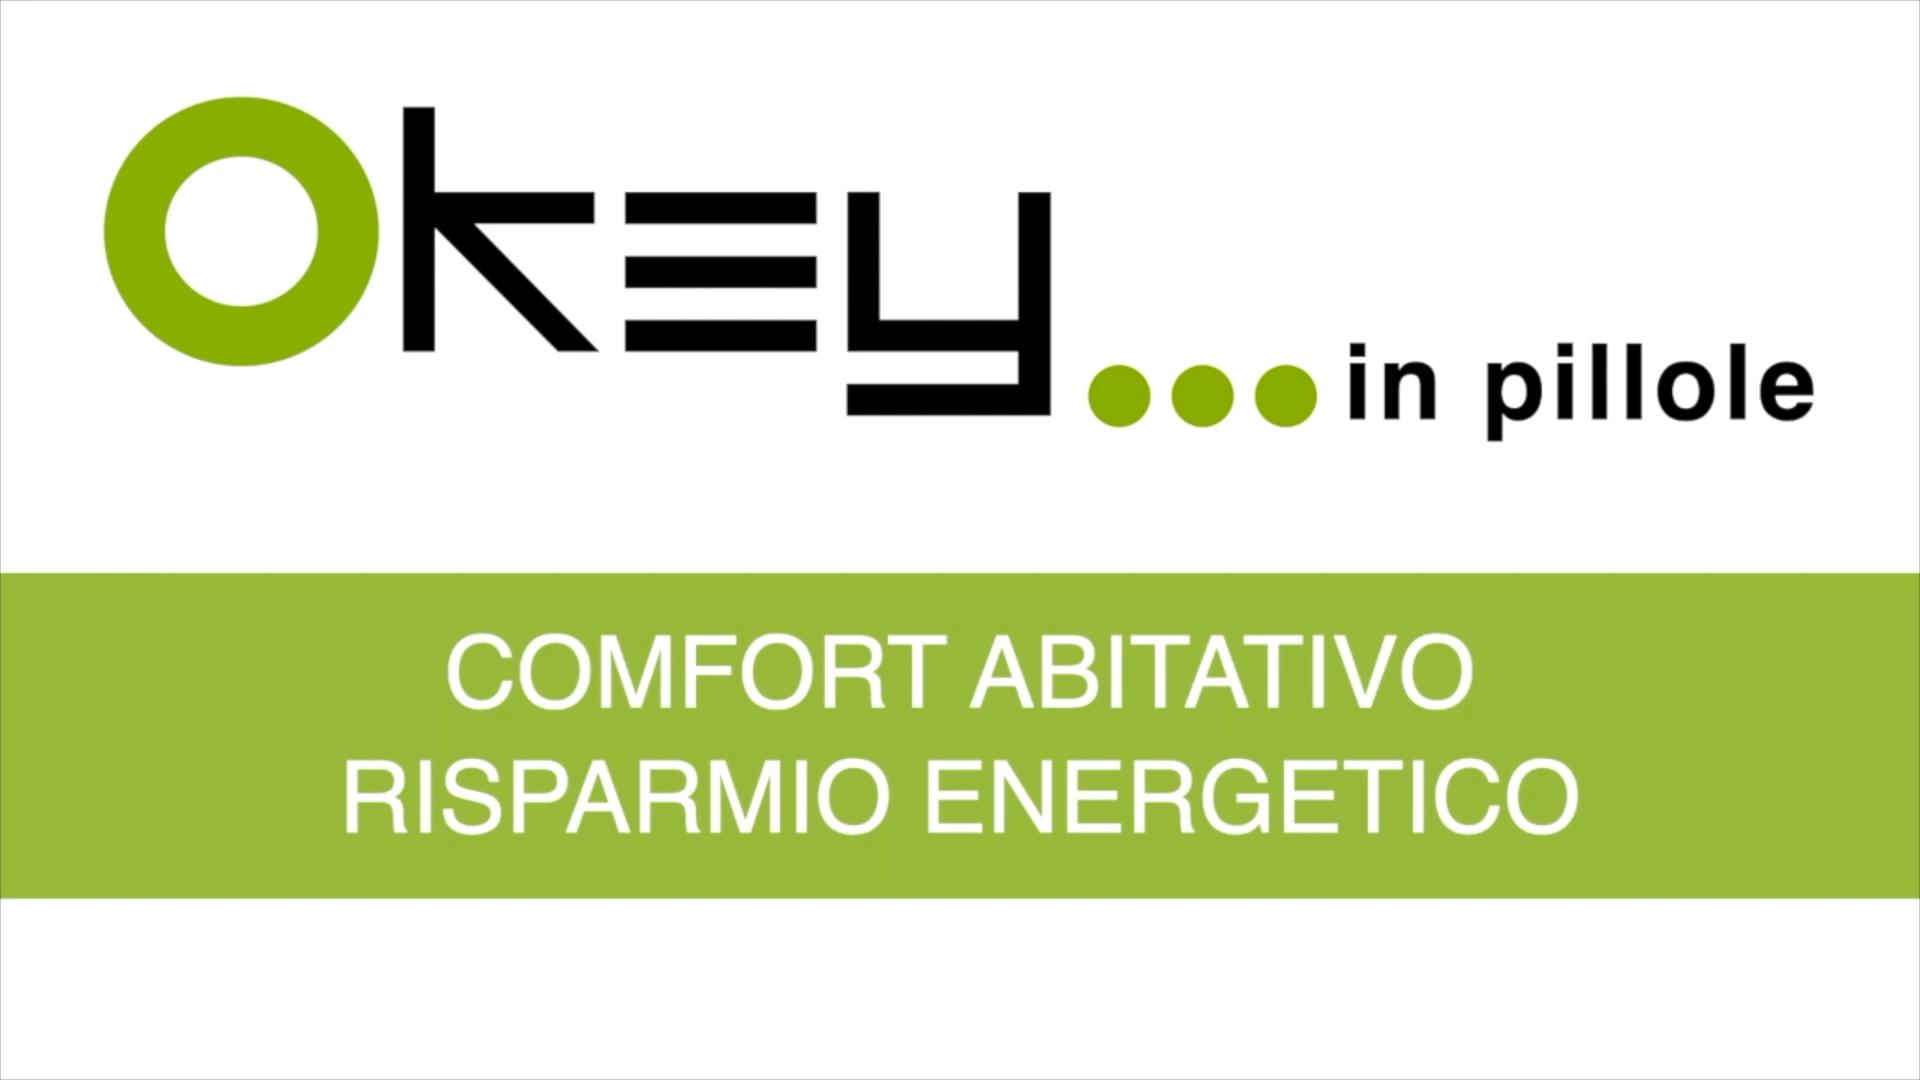 06 Comfort abitativo risparmio_energetico